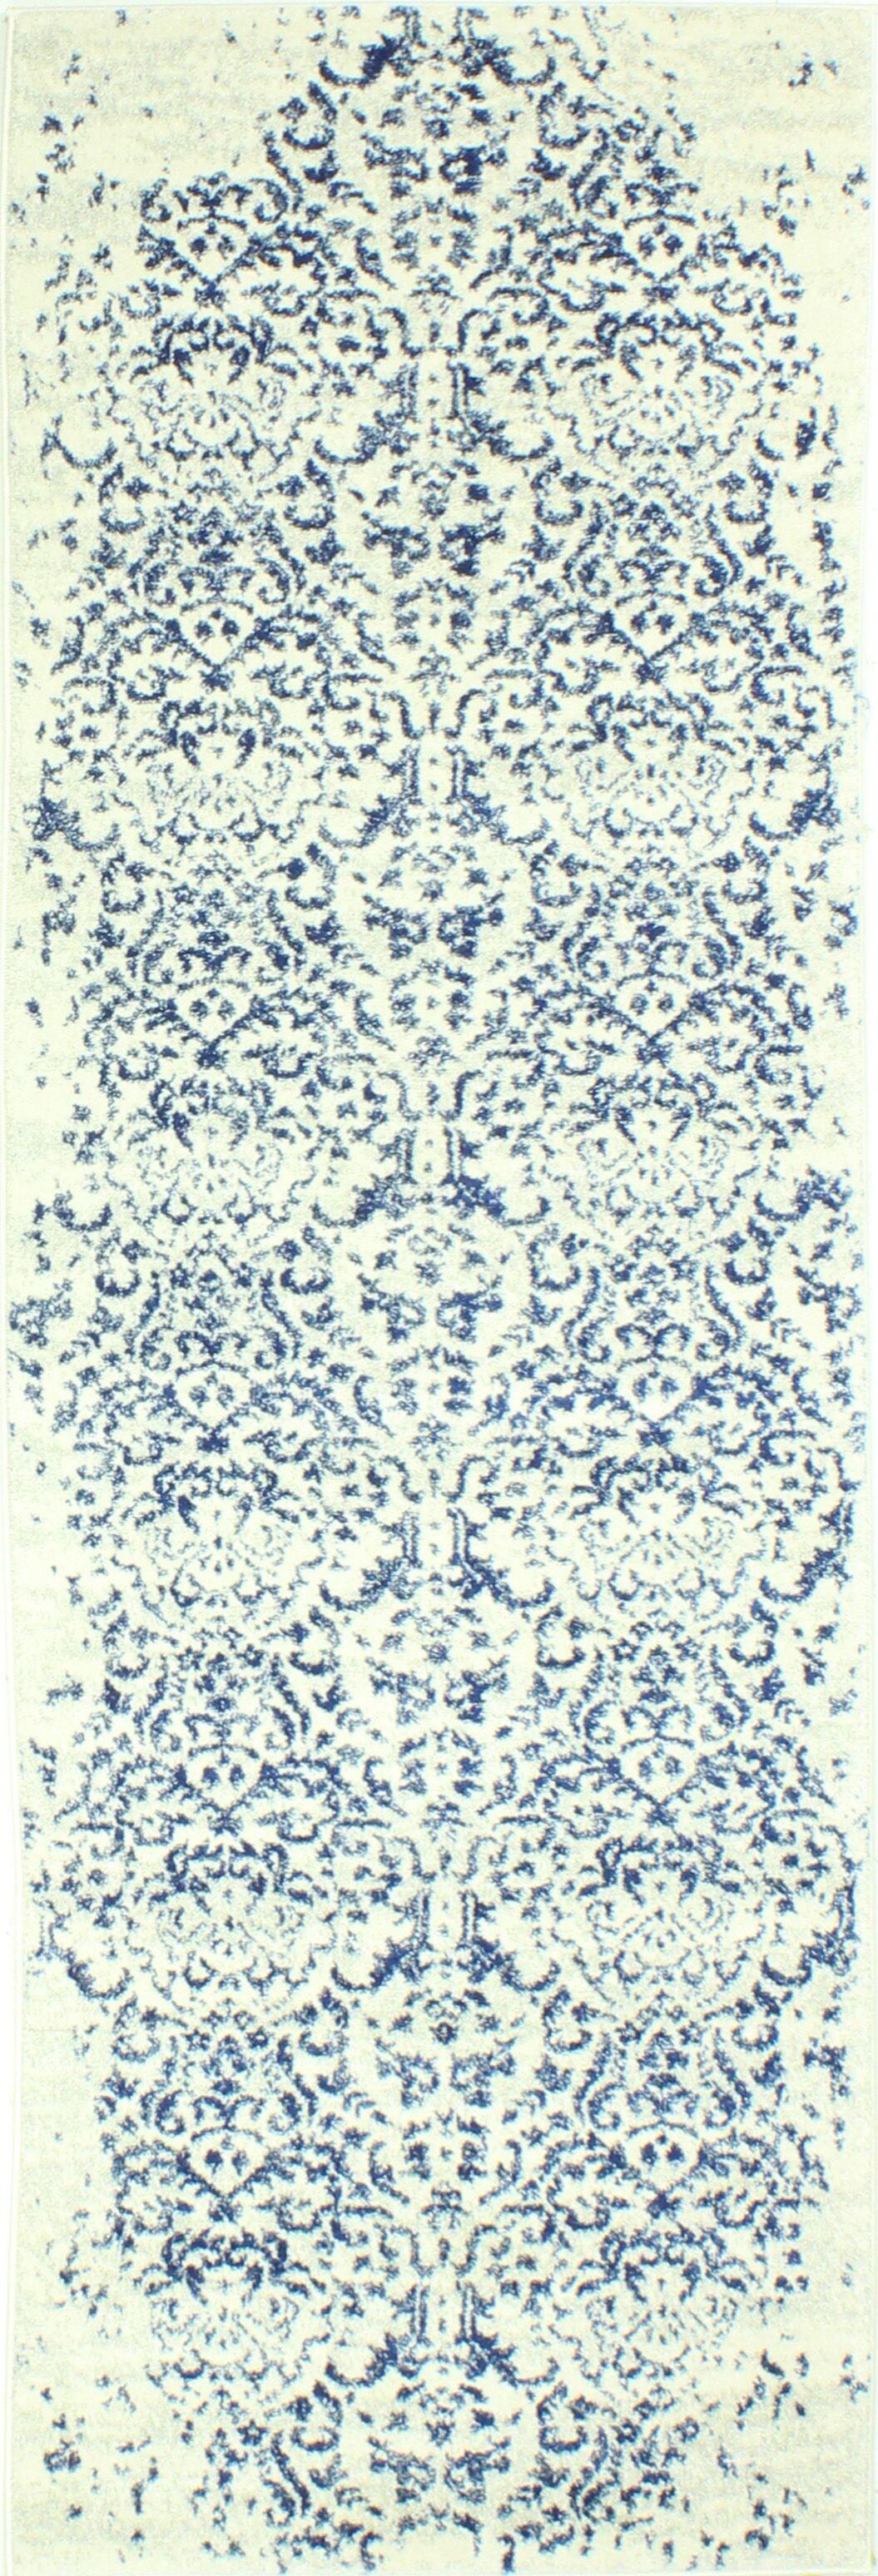 Arlingham Ivory/Blue Area Rug Rug Size: Runner 2'6